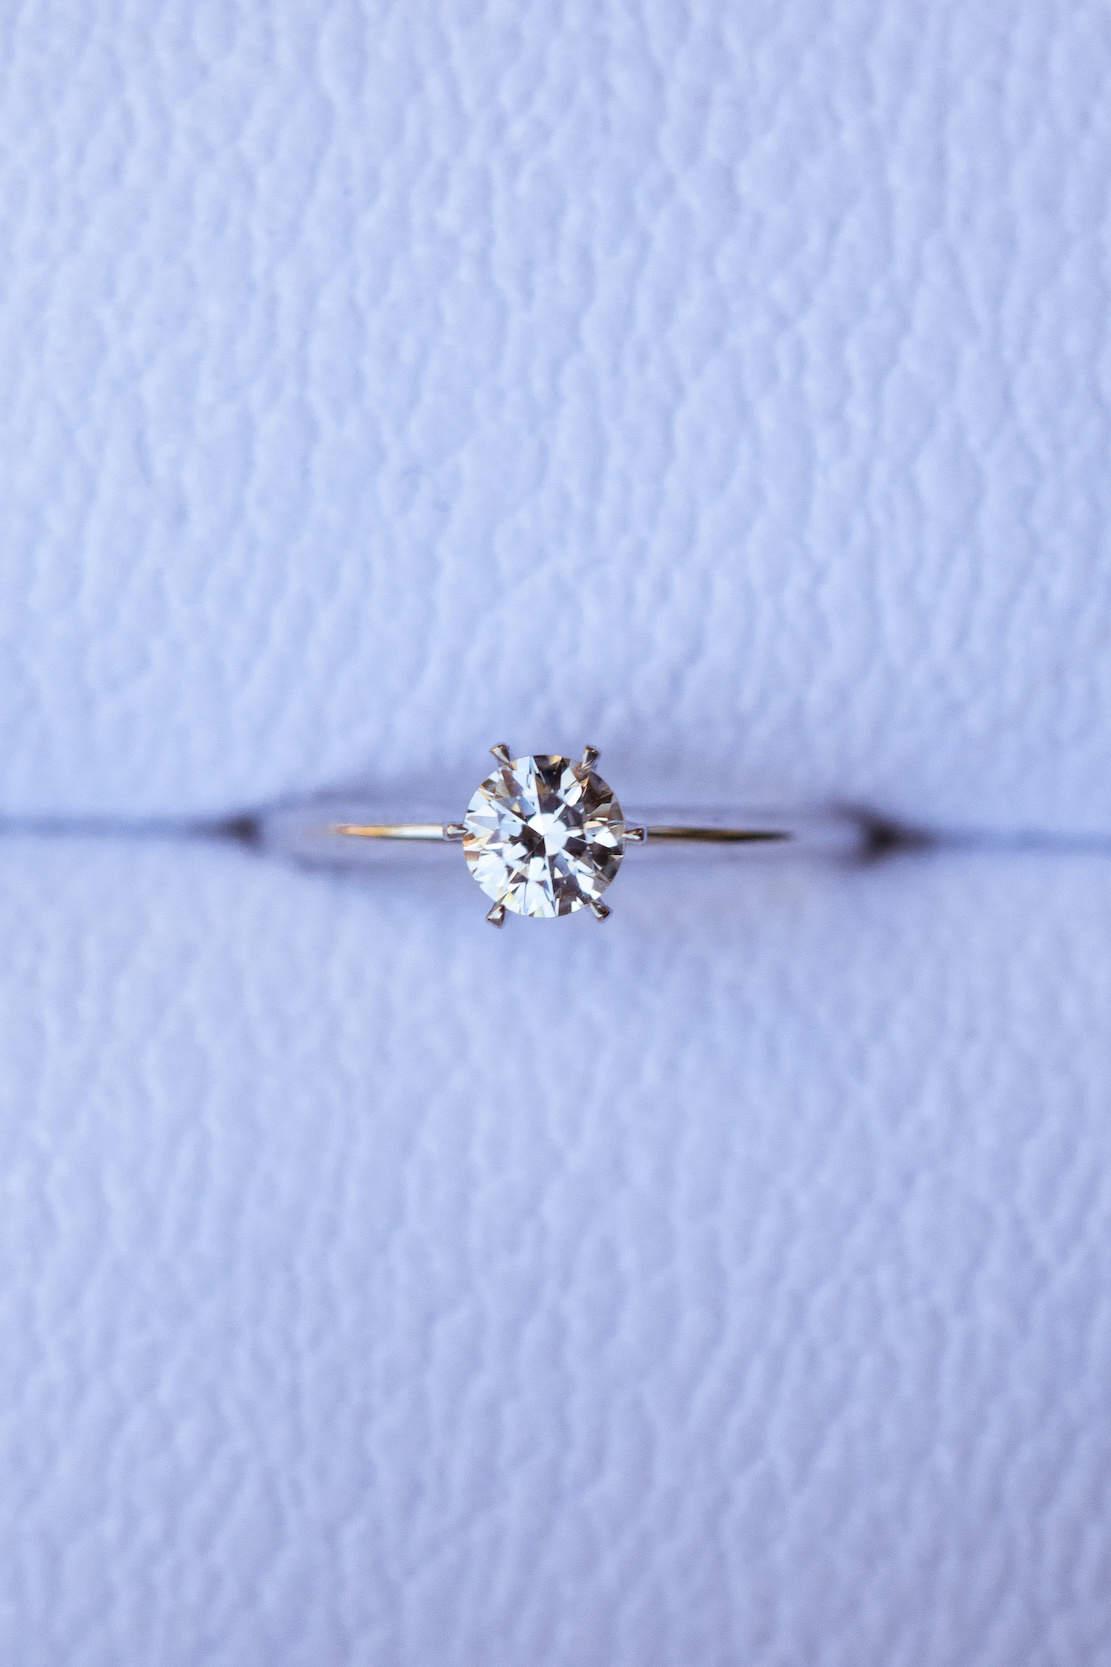 N1 - классическое кольцо для помолвки из белого золота 585 пробы с 1 бриллиантом 0.5 карат